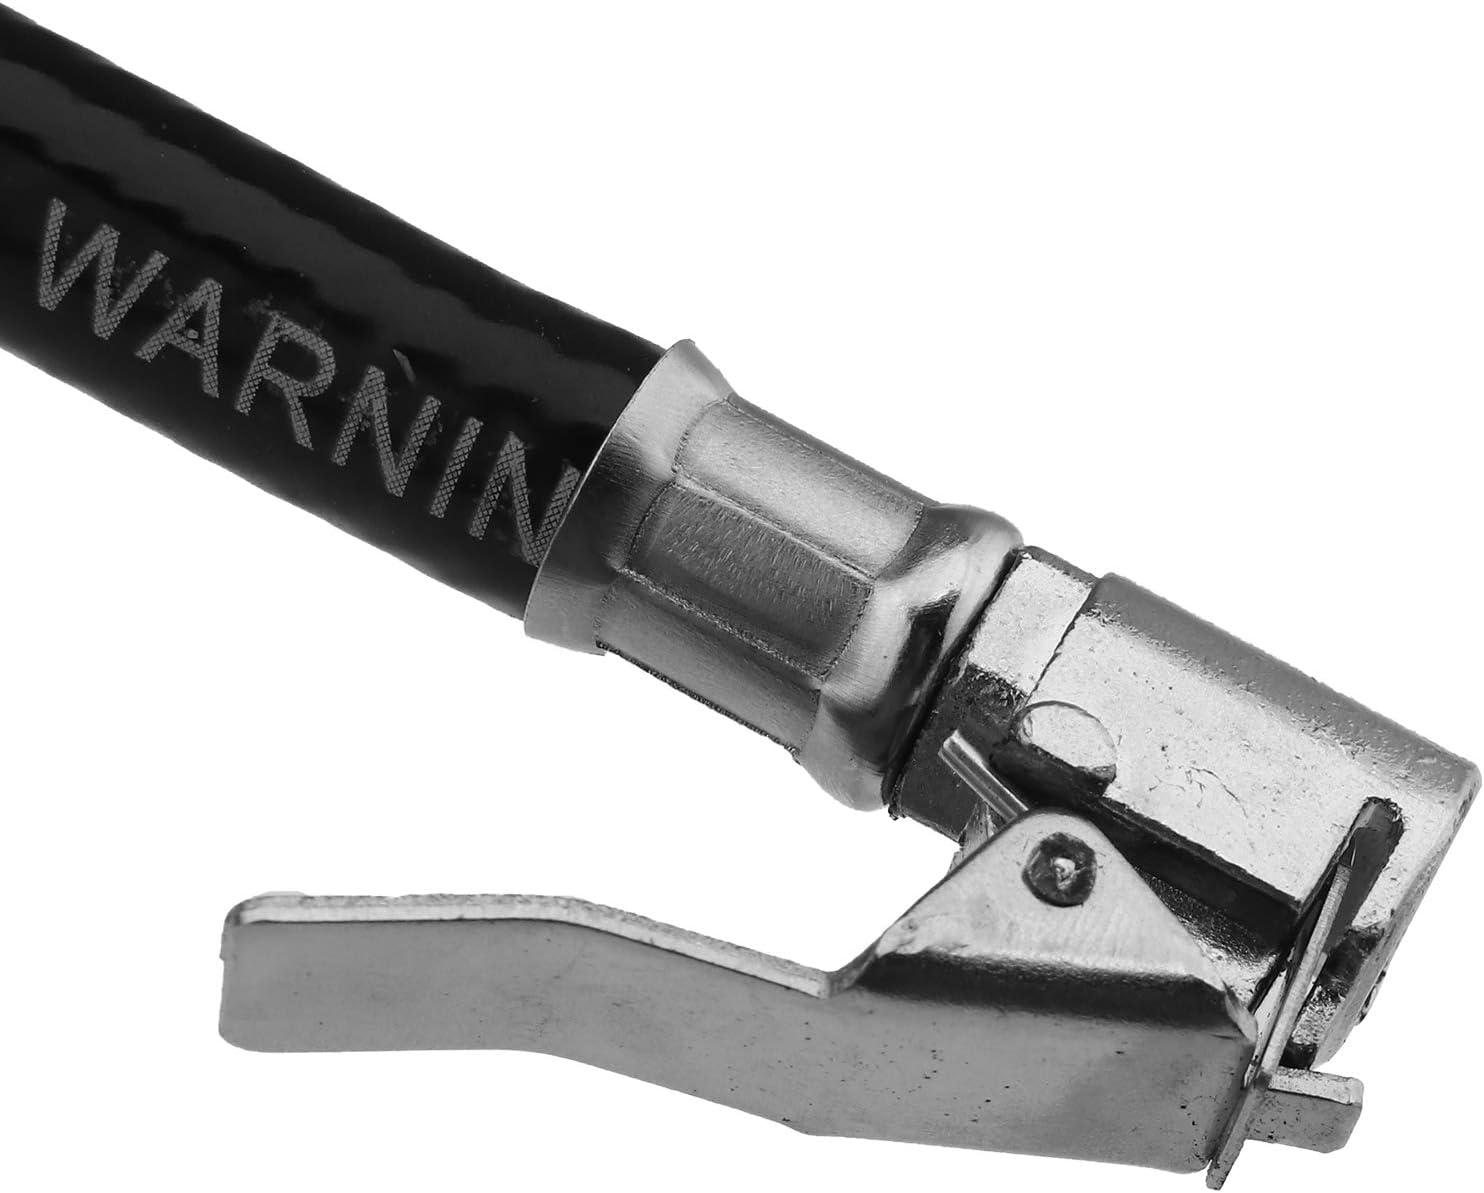 Schlauch BIYM Reifenf/üller Druckluftpr/üfer Druckluftf/üller Reifendruckmesser Reifenf/üllger/ät Luftdruckpr/üfer Manometer /Ø 50mm Messbereich bis 15 bar